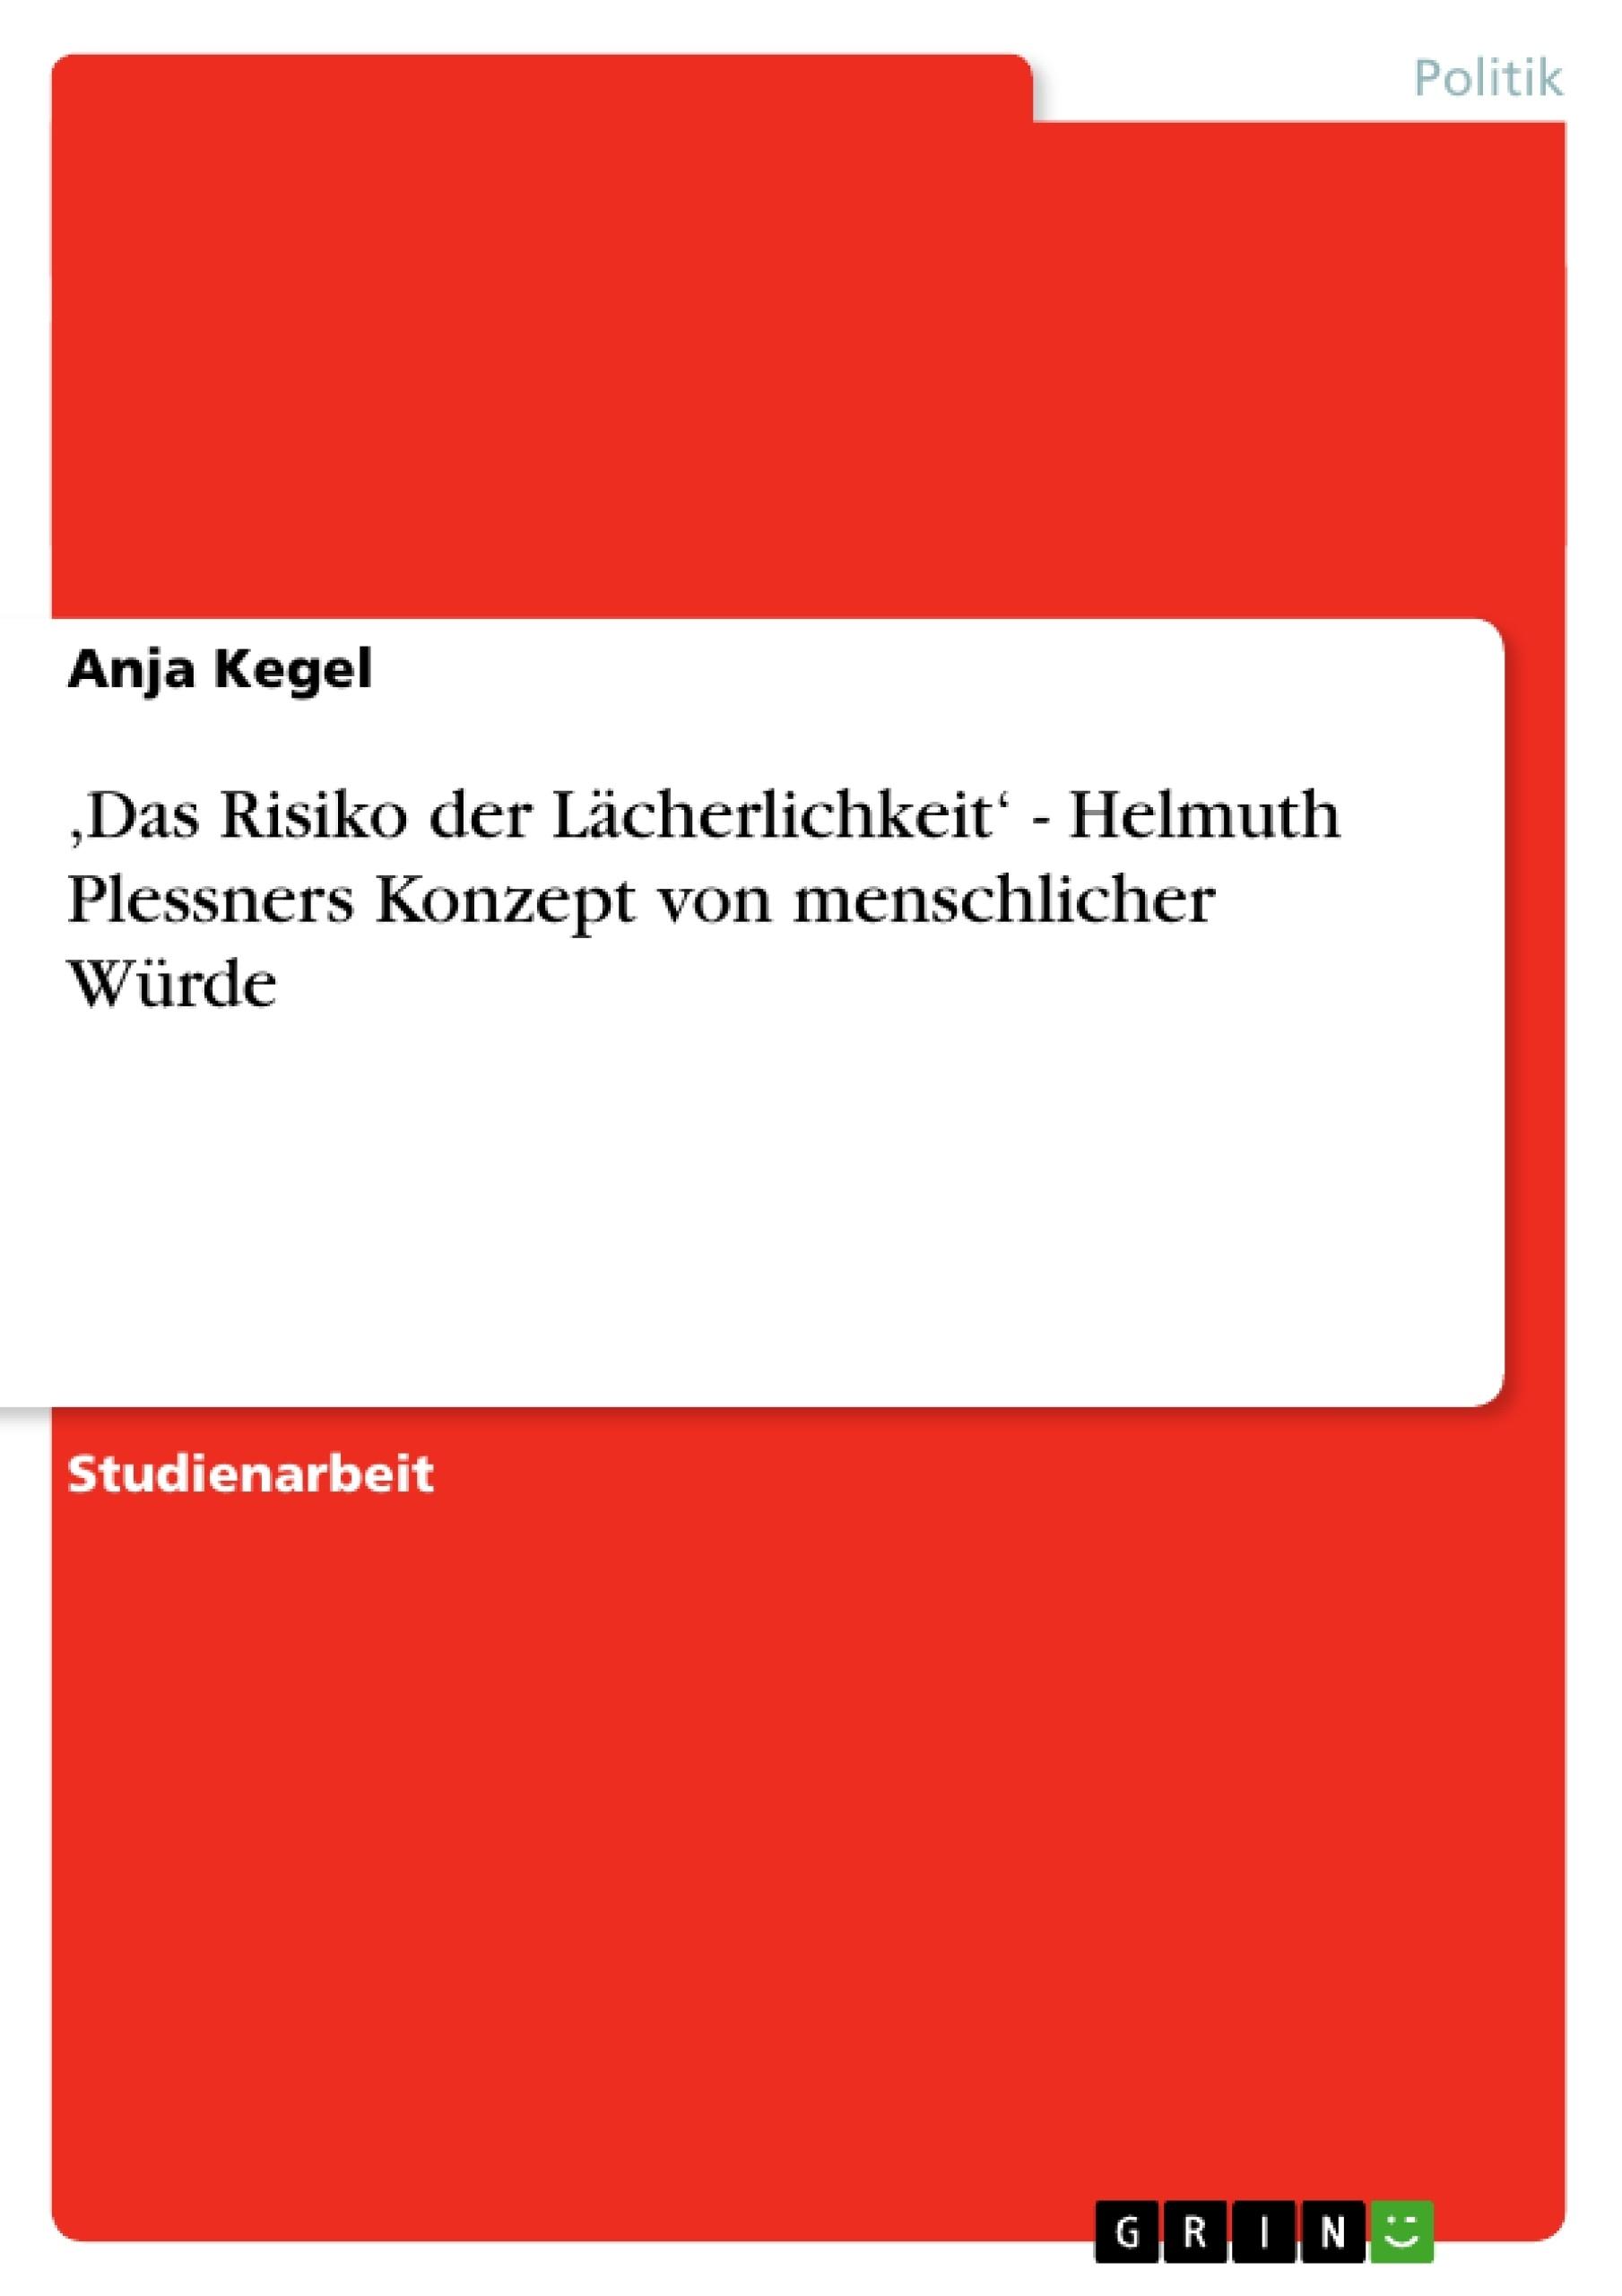 Titel: ,Das Risiko der Lächerlichkeit' - Helmuth Plessners Konzept von menschlicher Würde